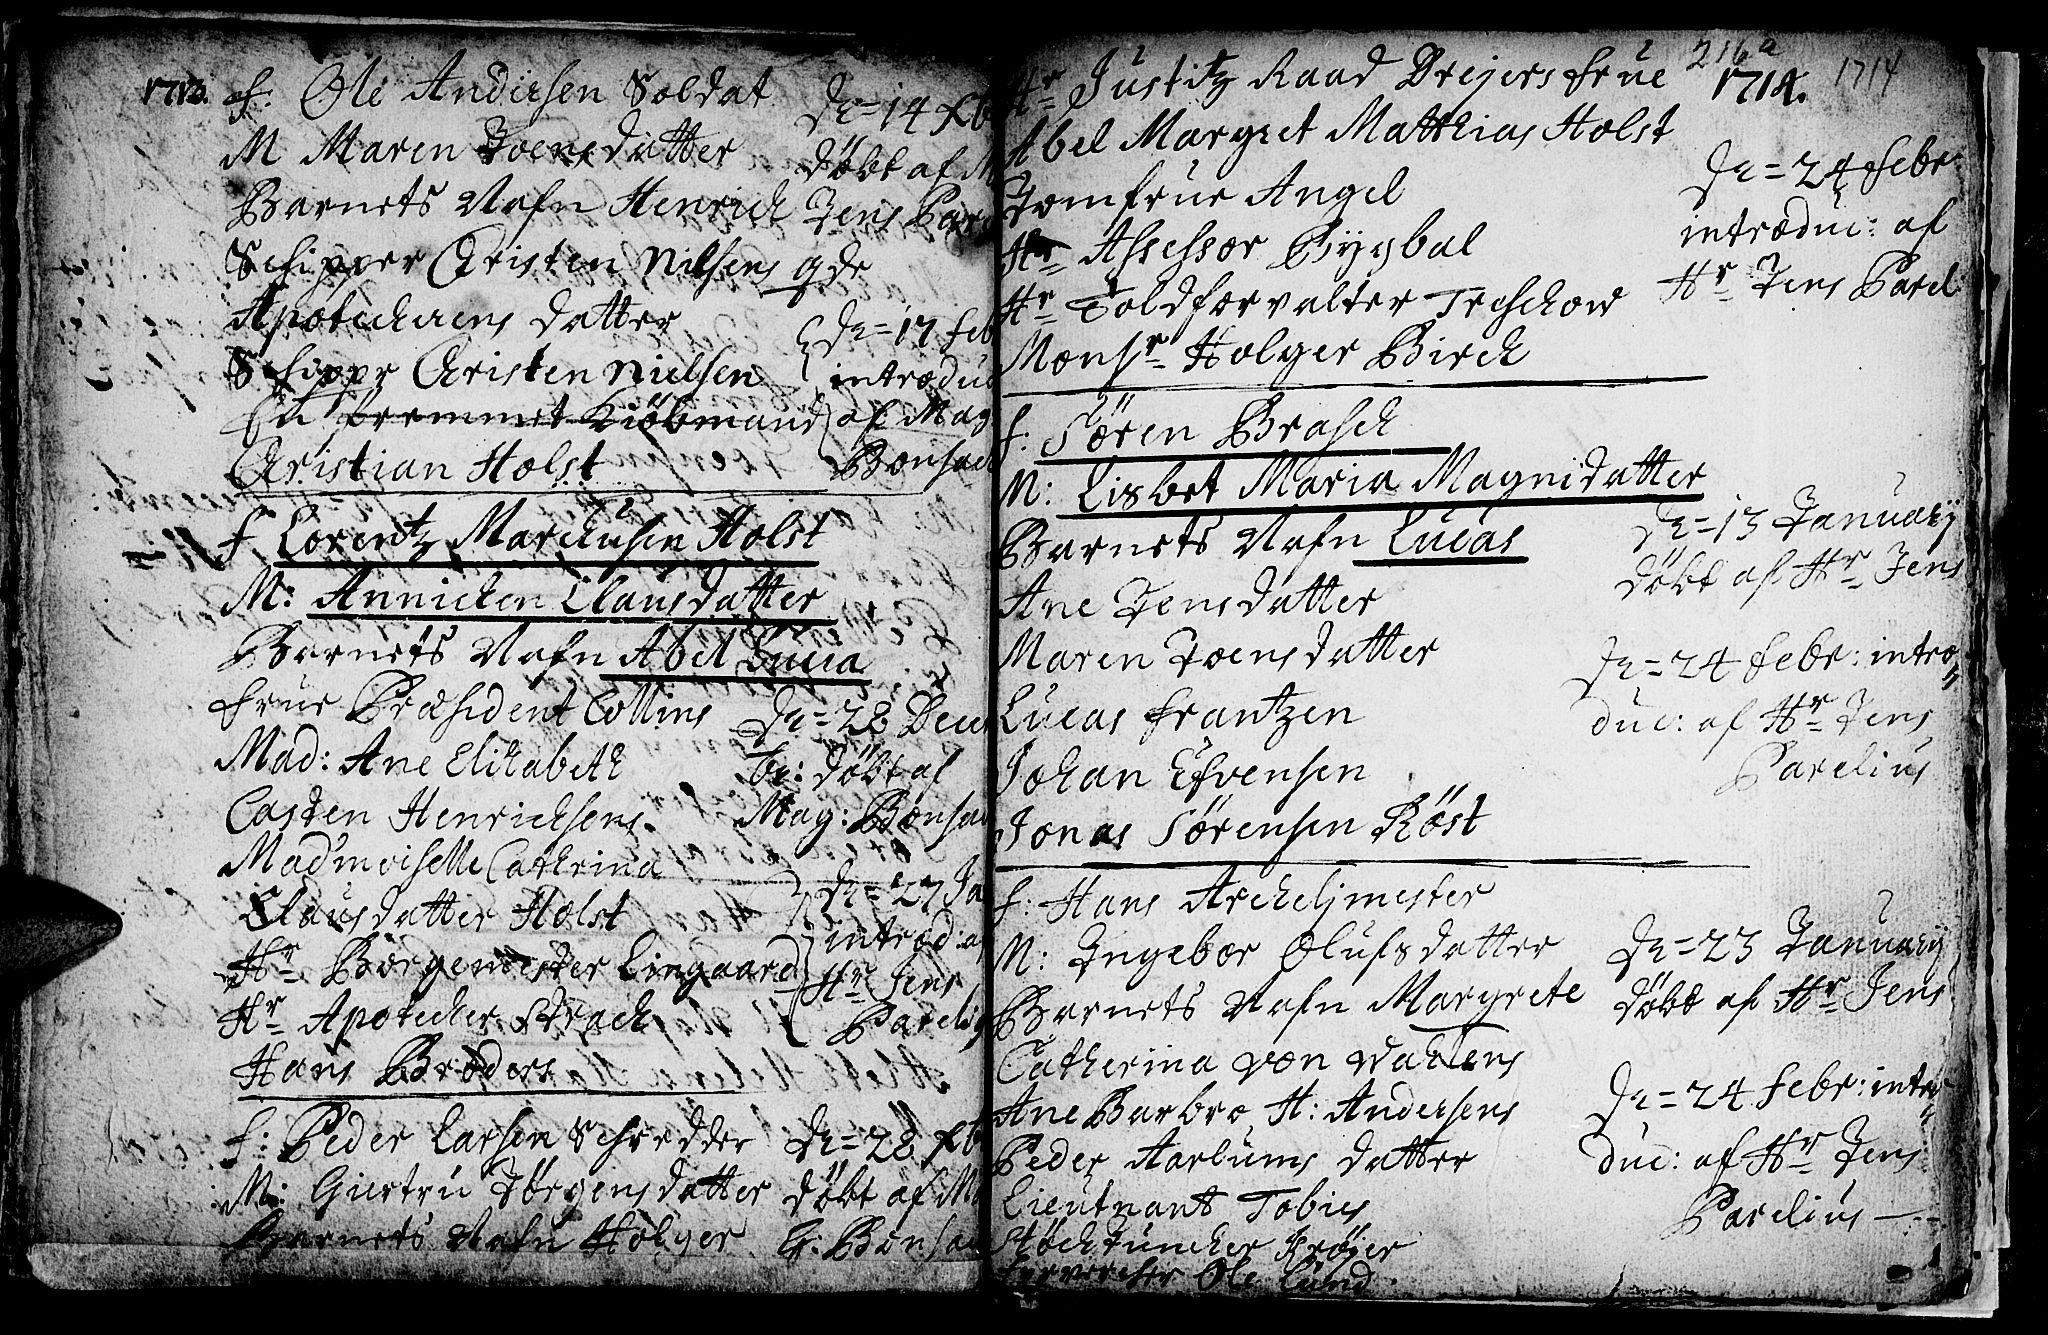 SAT, Ministerialprotokoller, klokkerbøker og fødselsregistre - Sør-Trøndelag, 601/L0034: Ministerialbok nr. 601A02, 1702-1714, s. 216b